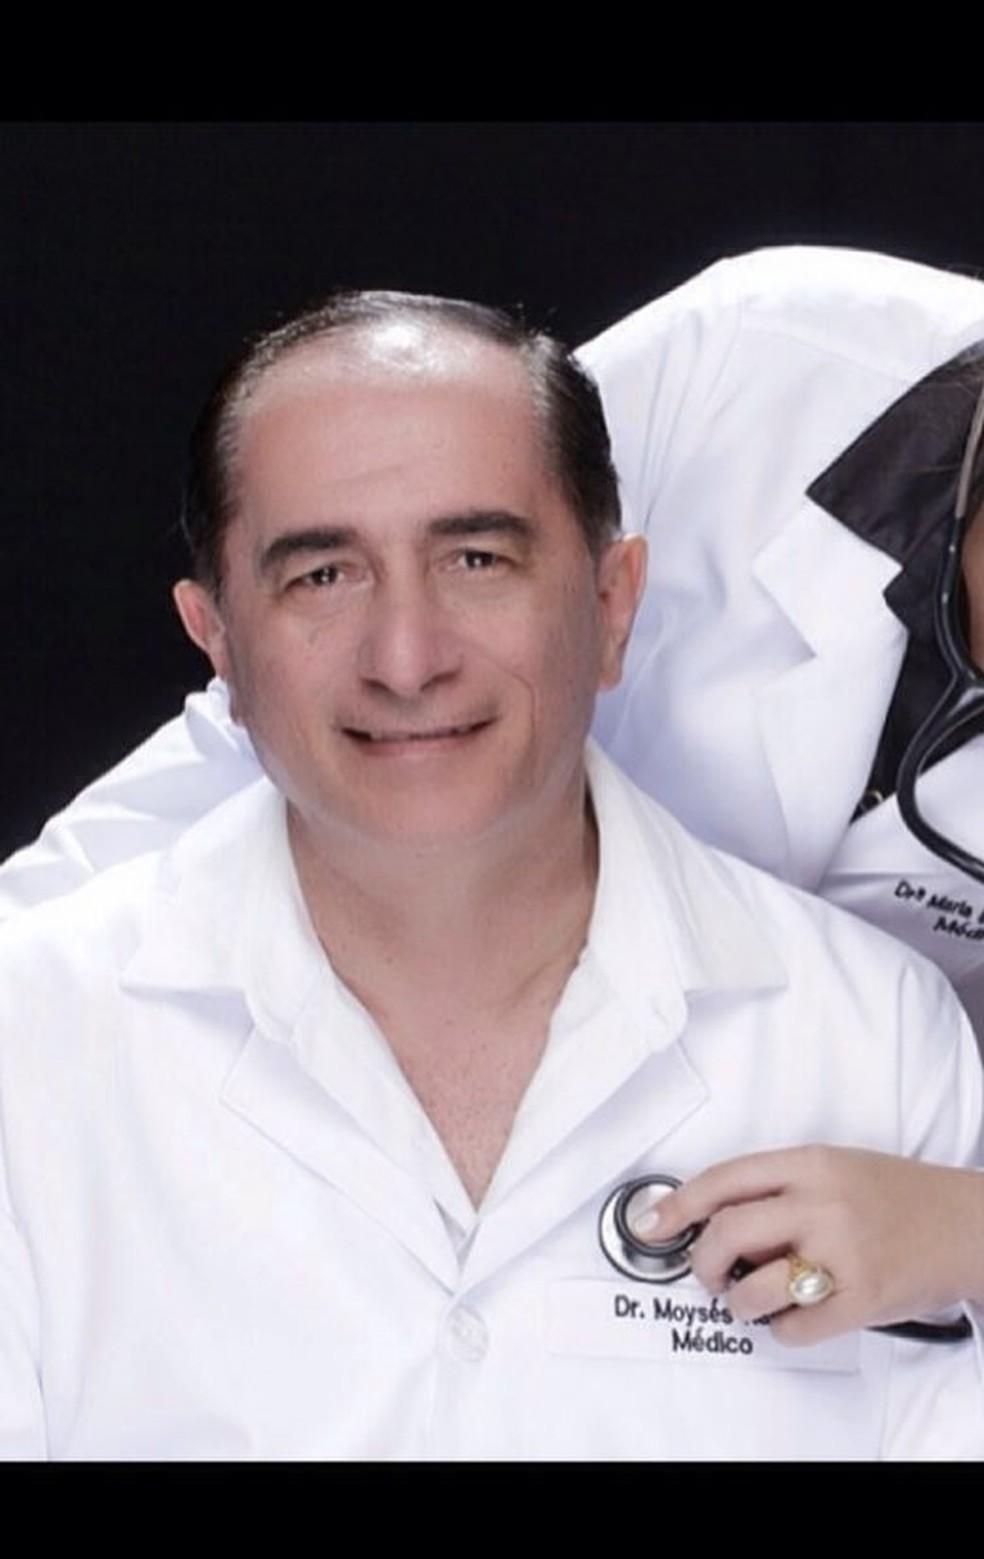 Moyses Nadaf Neto, de 65 anos, era ginecologista do Hospital Geral e Maternidade de Cuiabá — Foto: Facebook